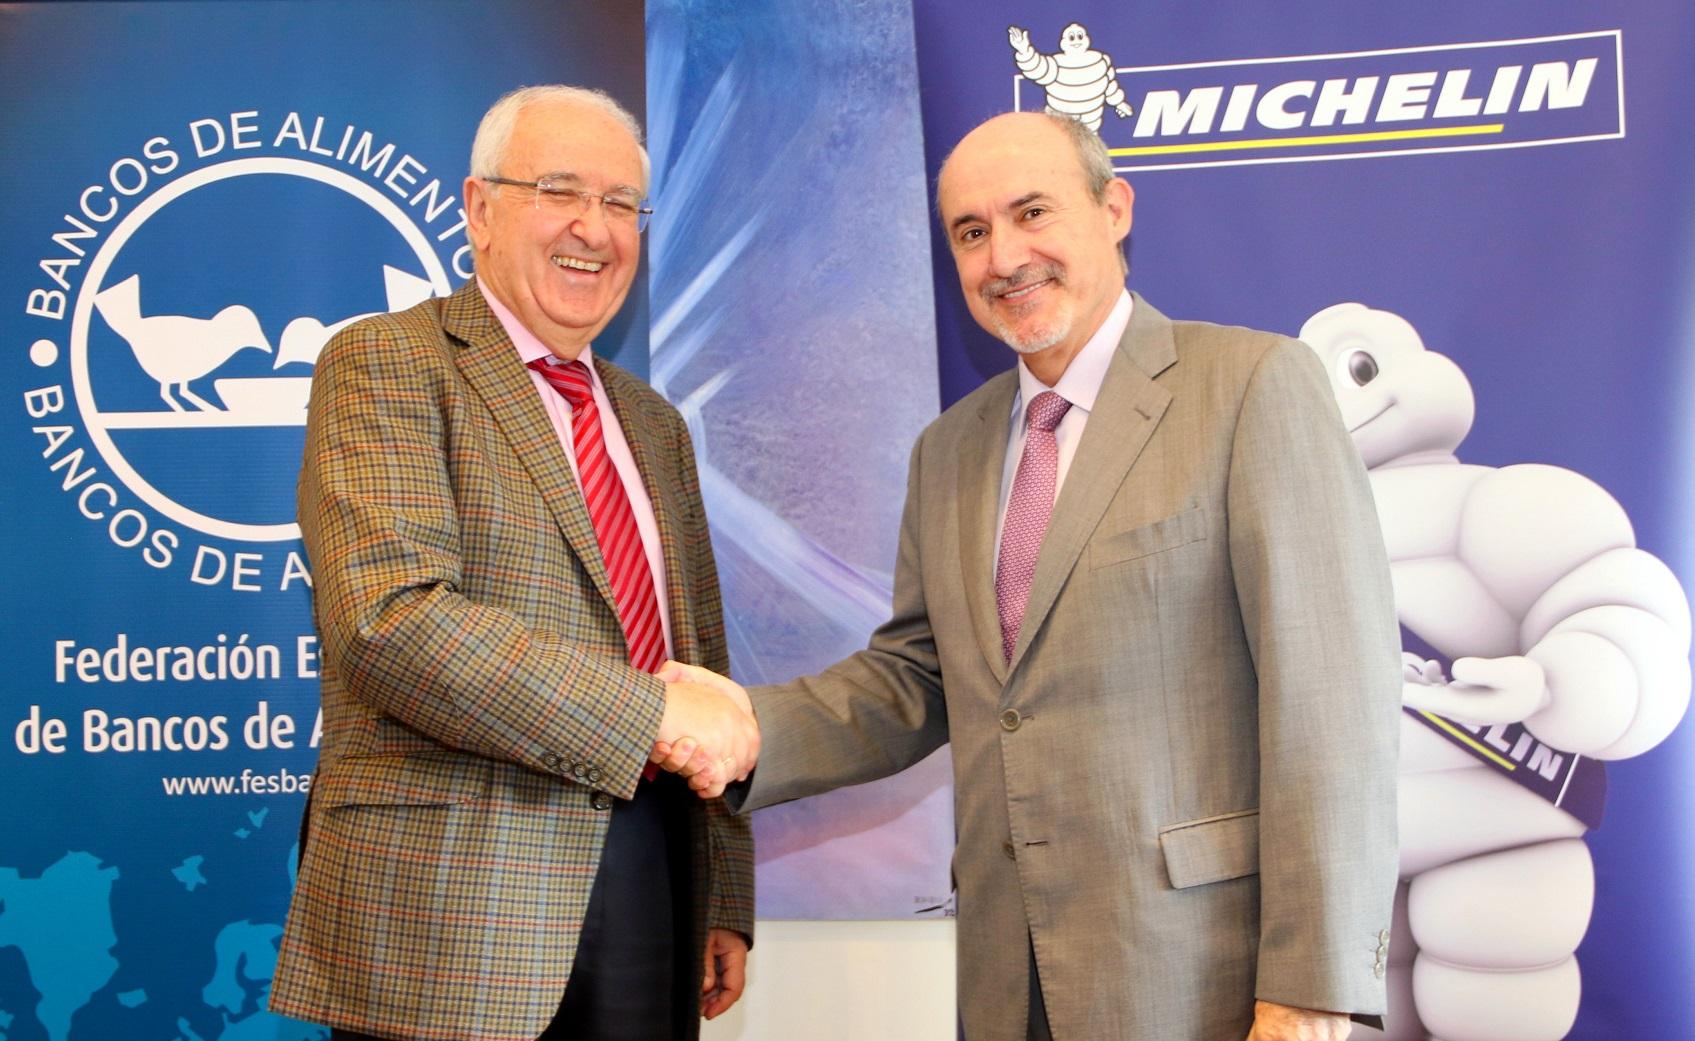 Michelin equipará los vehículos de los 55 bancos de alimentos de España